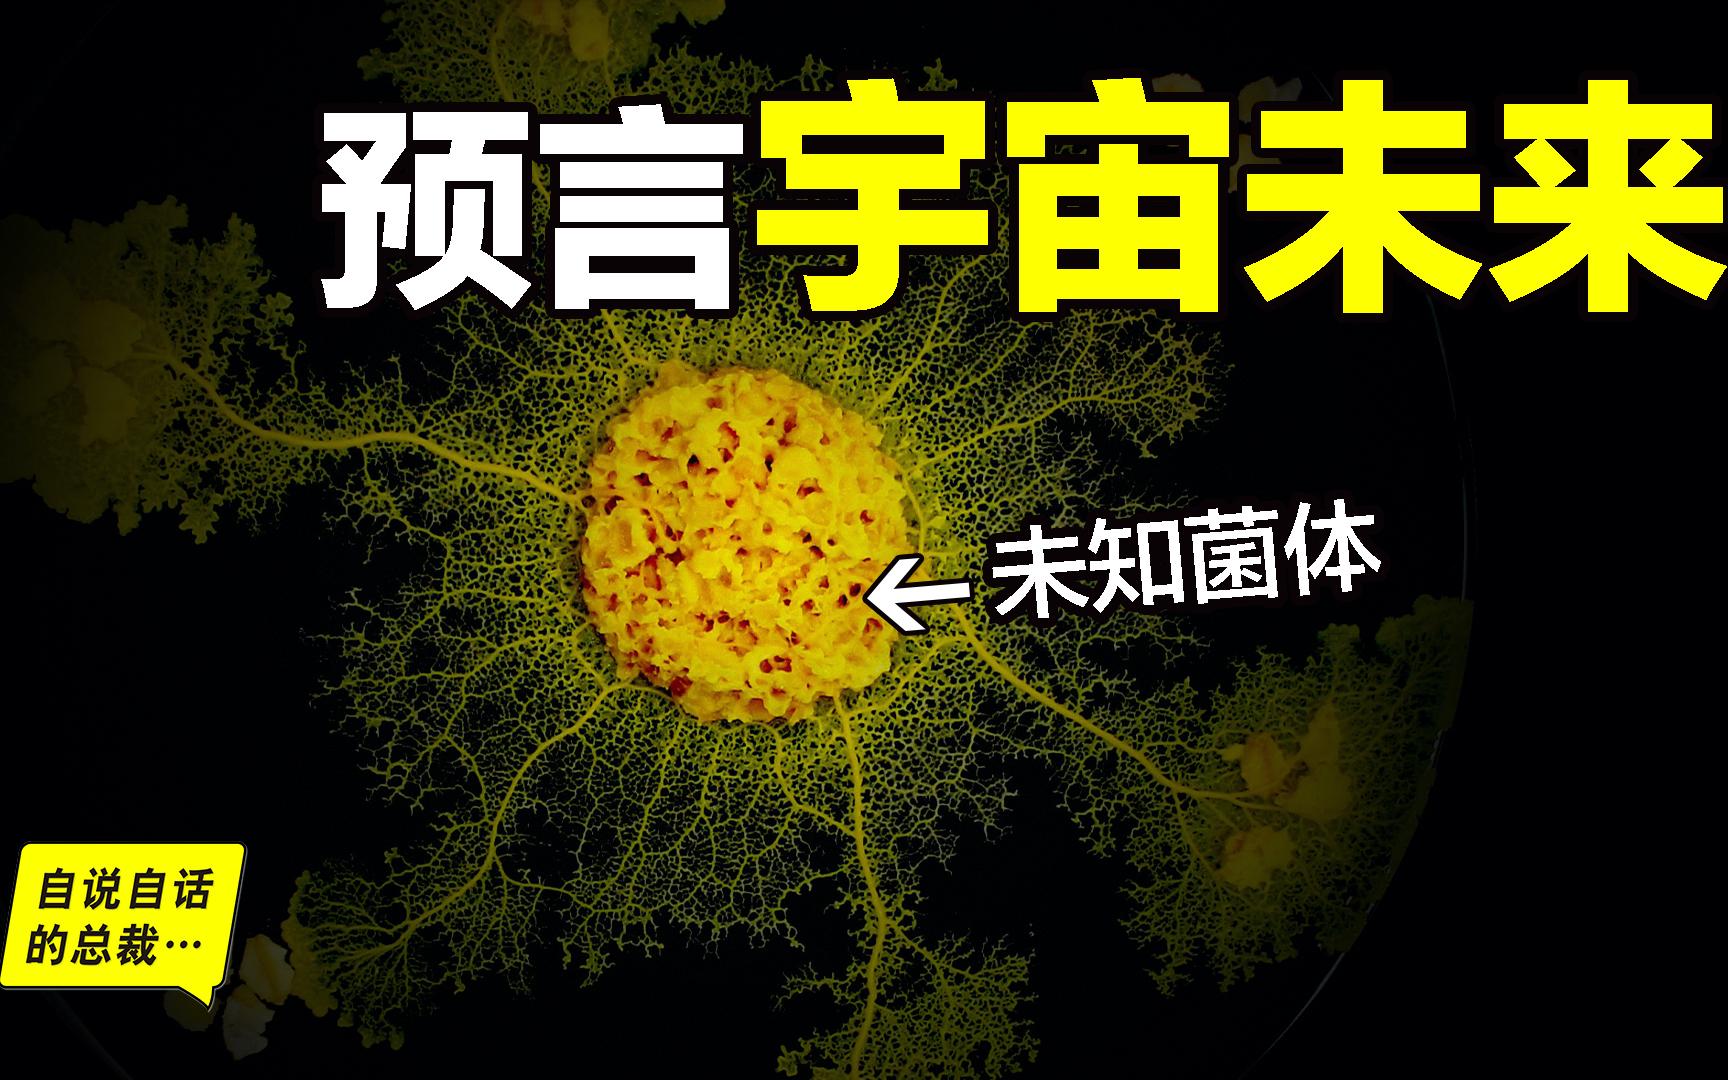 未知菌体:单细胞生物预言,结构像大脑和宇宙,高维宇宙的投影?